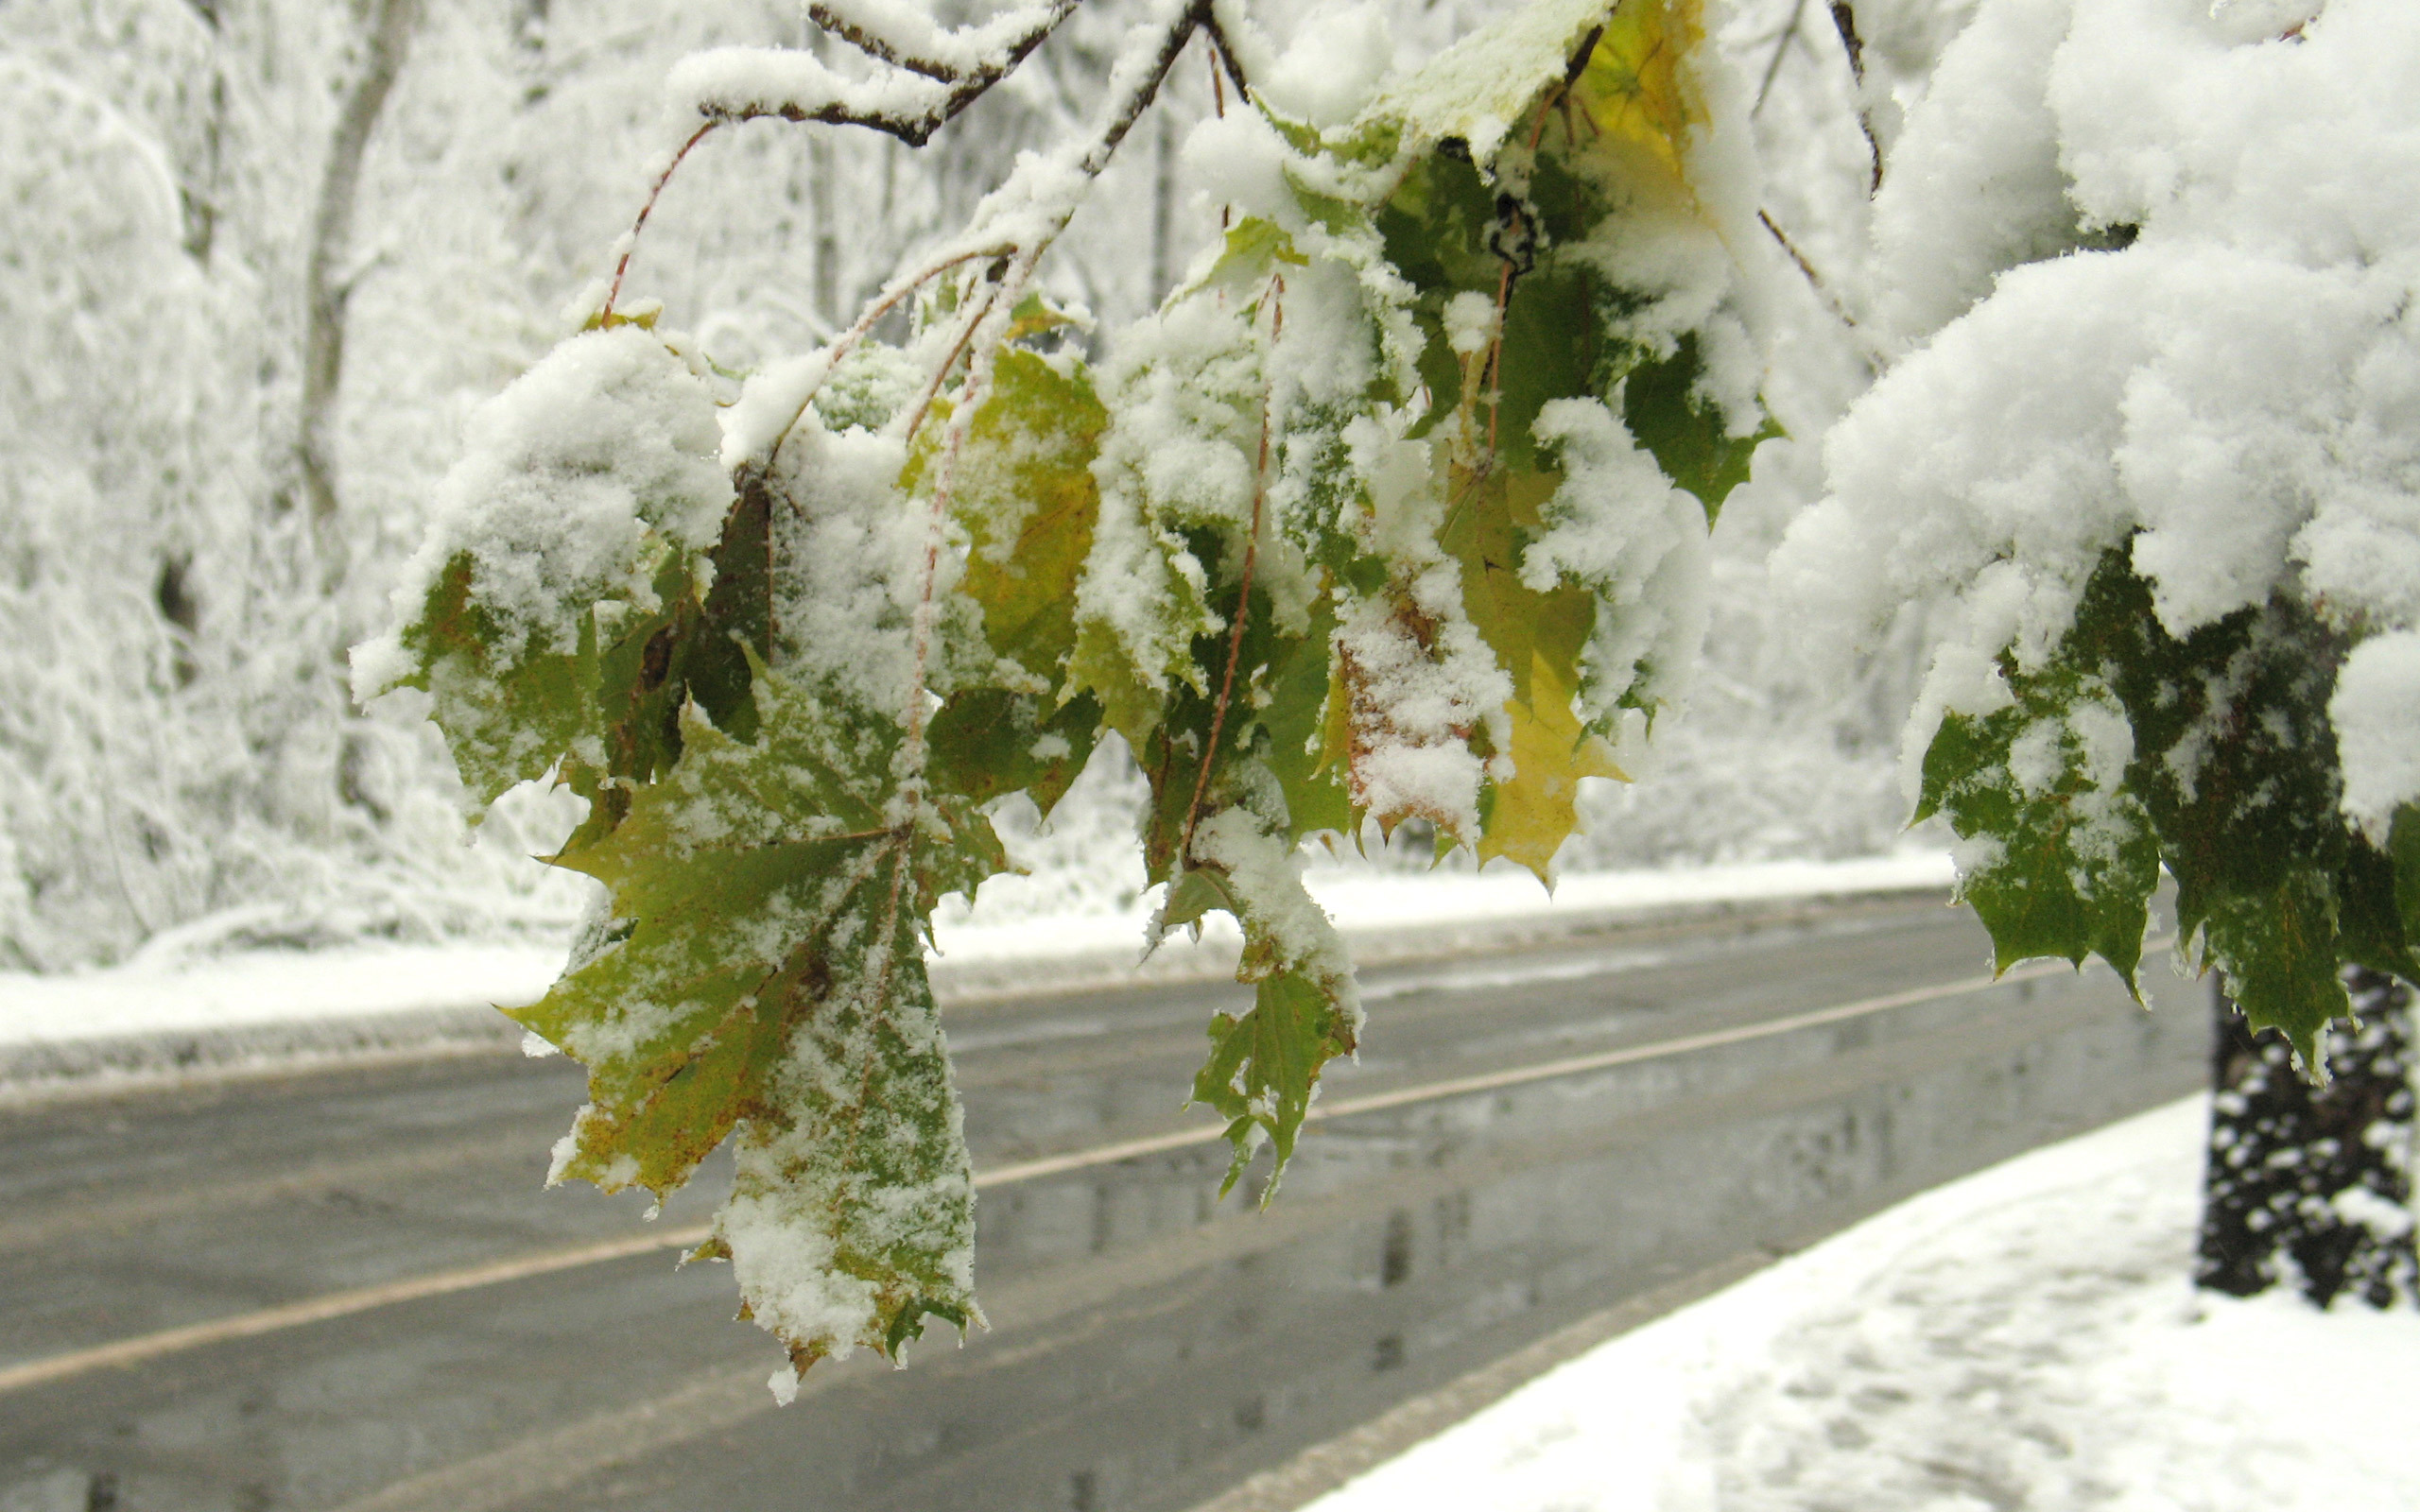 22060 скачать обои Пейзаж, Зима, Деревья, Дороги, Листья, Снег - заставки и картинки бесплатно